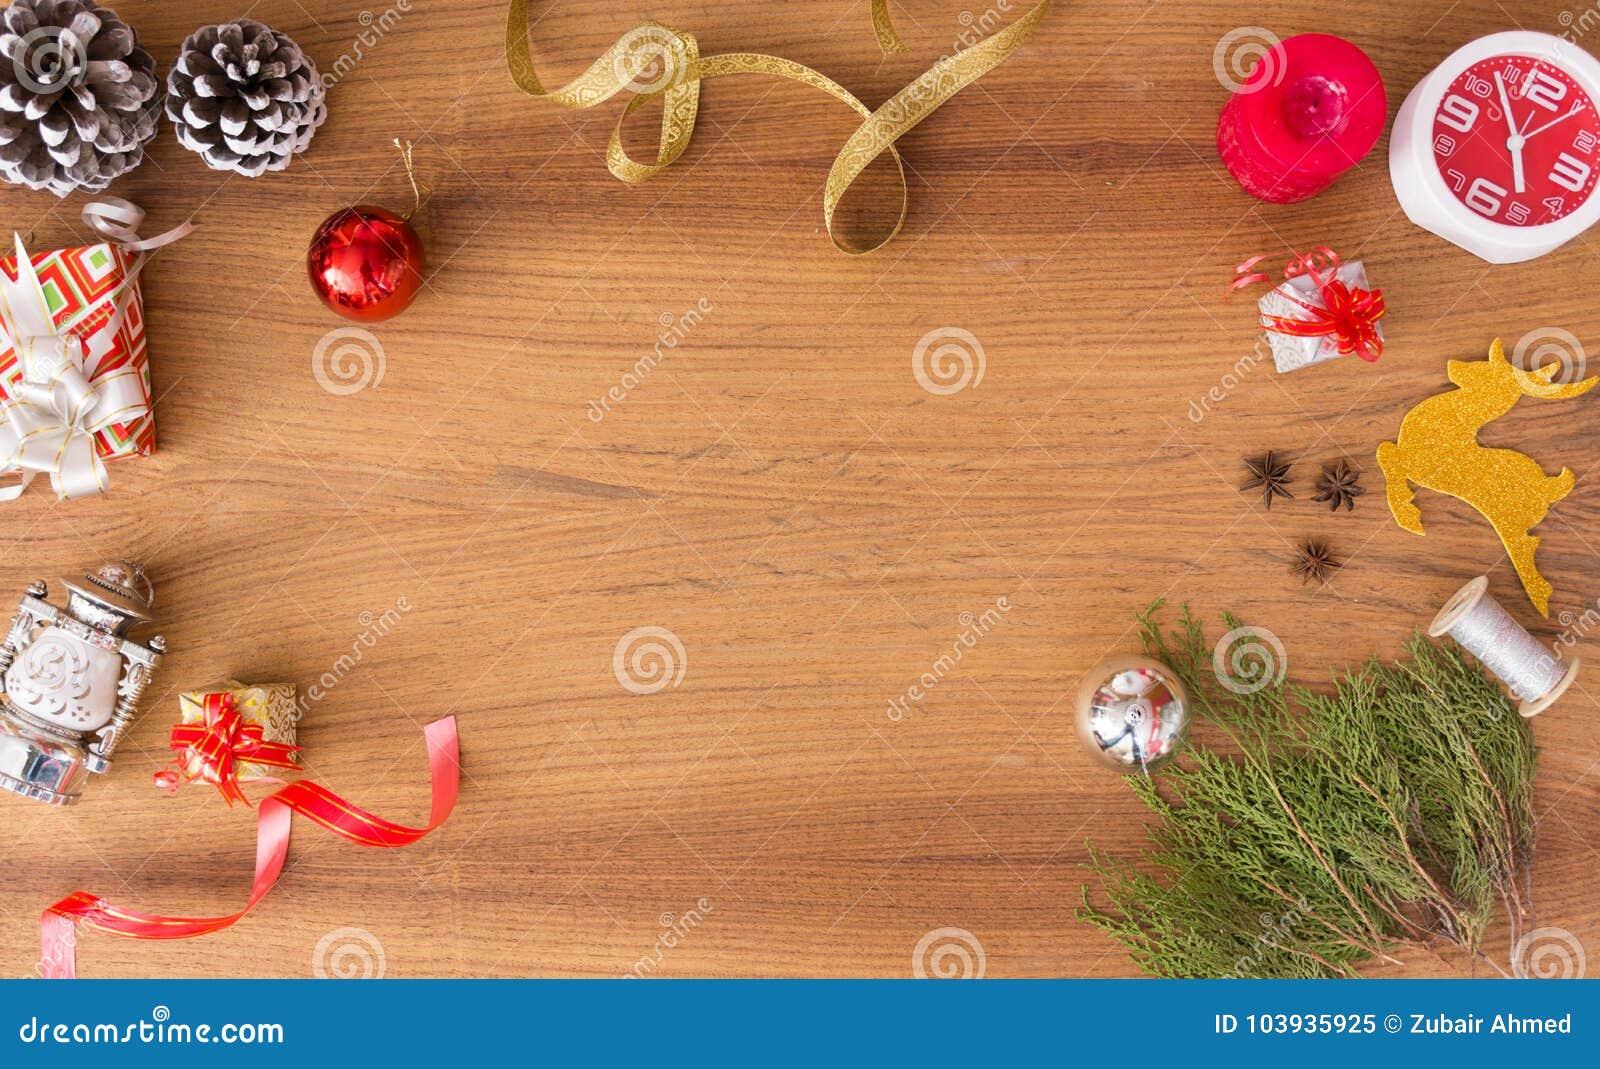 Μοντέρνη σύνθεση Χριστουγέννων κλάδοι έλατου, δώρο Χριστουγέννων και διακοσμήσεις στο ξύλινο υπόβαθρο